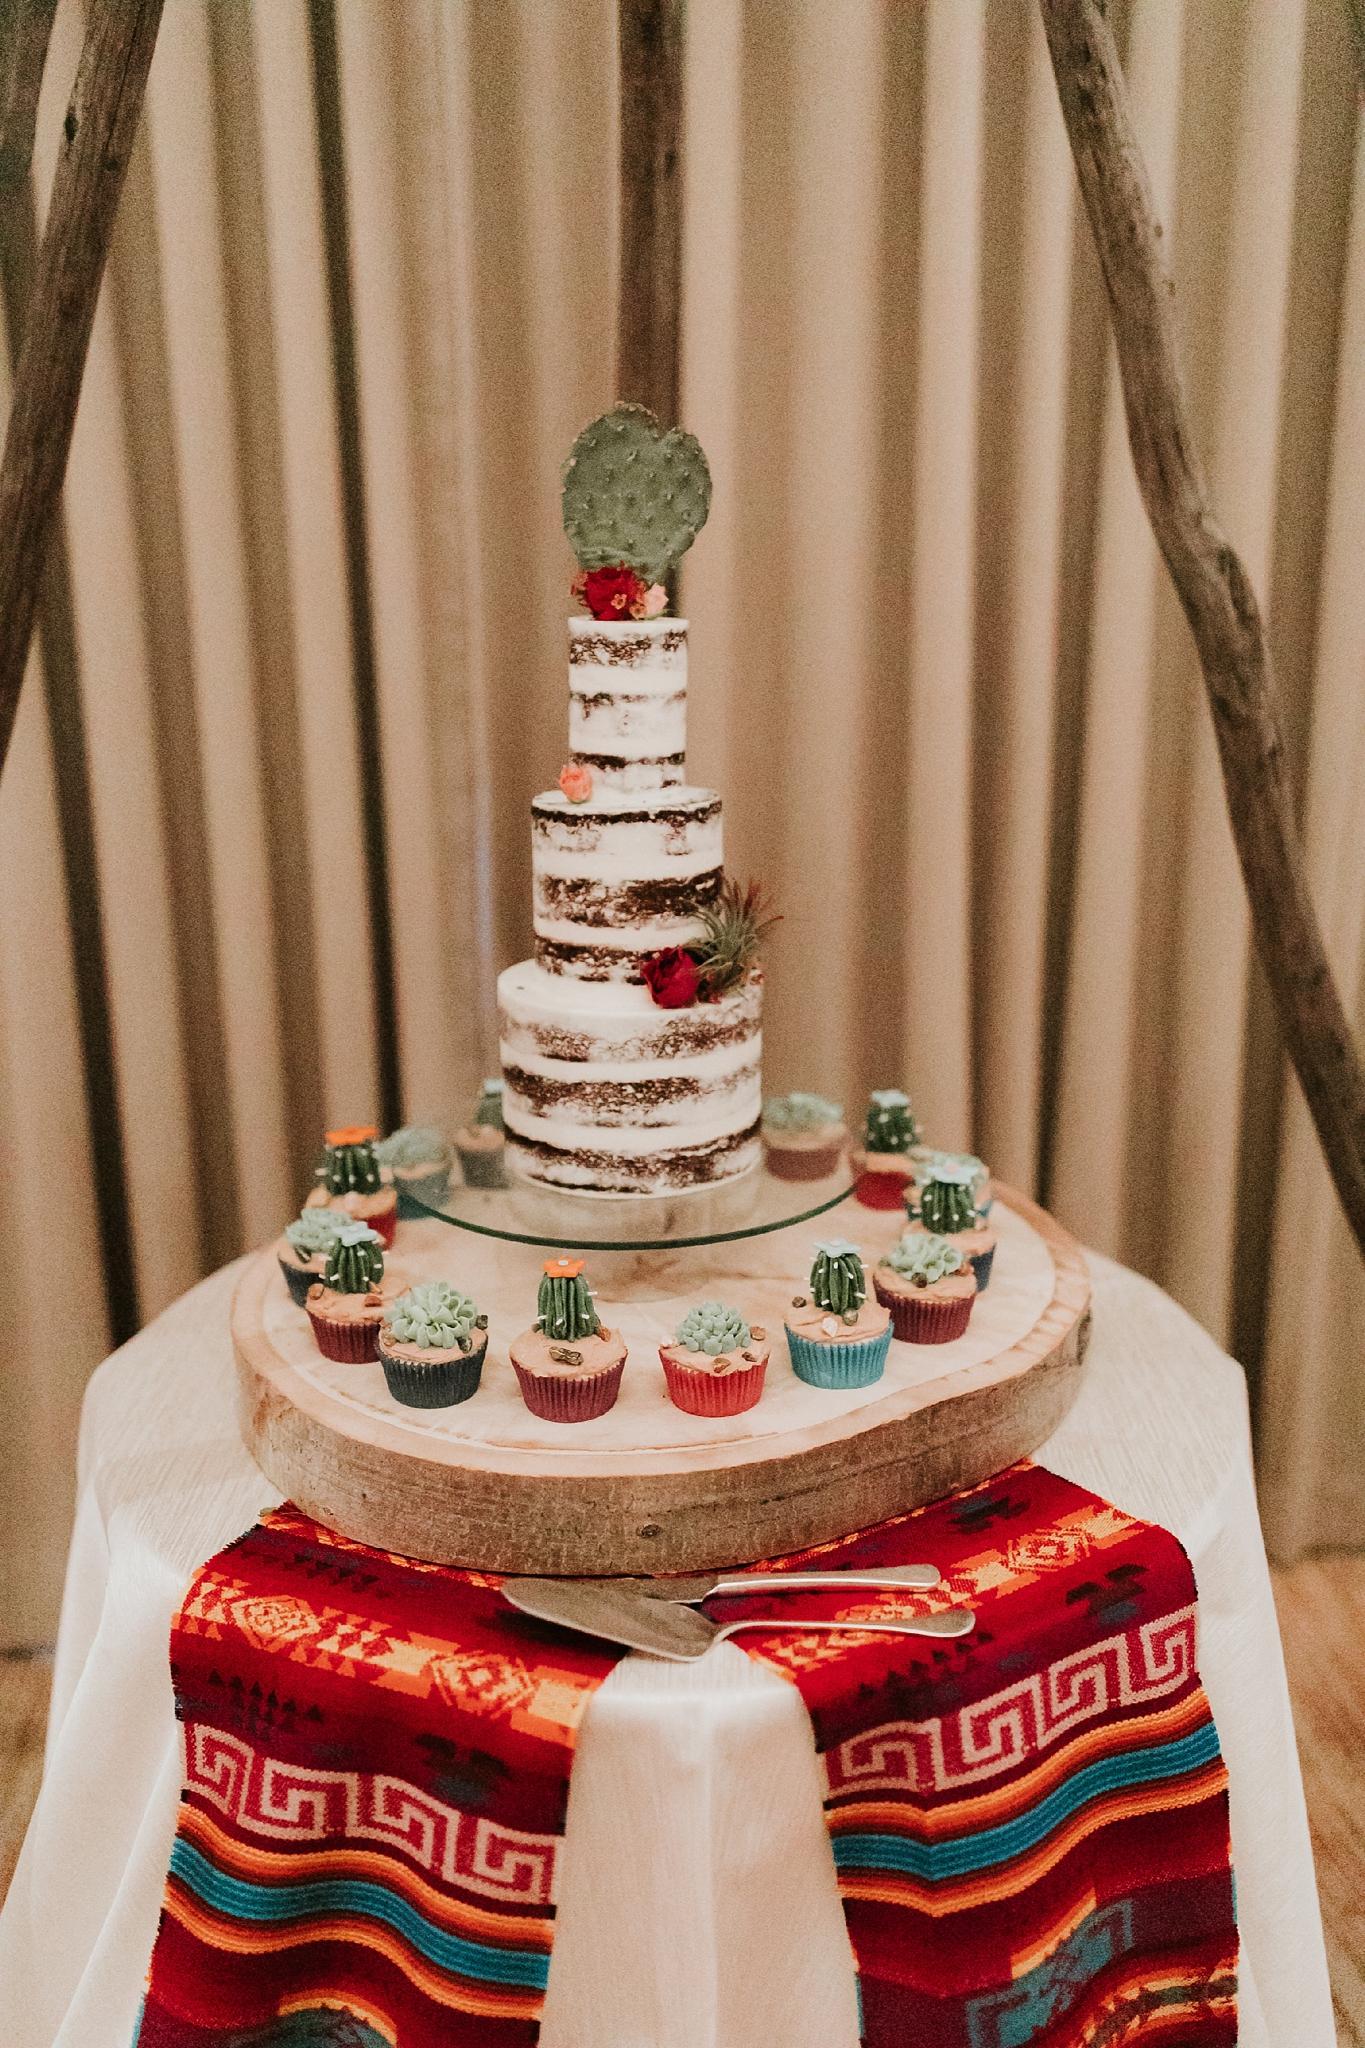 Alicia+lucia+photography+-+albuquerque+wedding+photographer+-+santa+fe+wedding+photography+-+new+mexico+wedding+photographer+-+new+mexico+wedding+-+wedding+-+winter+wedding+-+wedding+reception+-+winter+wedding+reception_0077.jpg